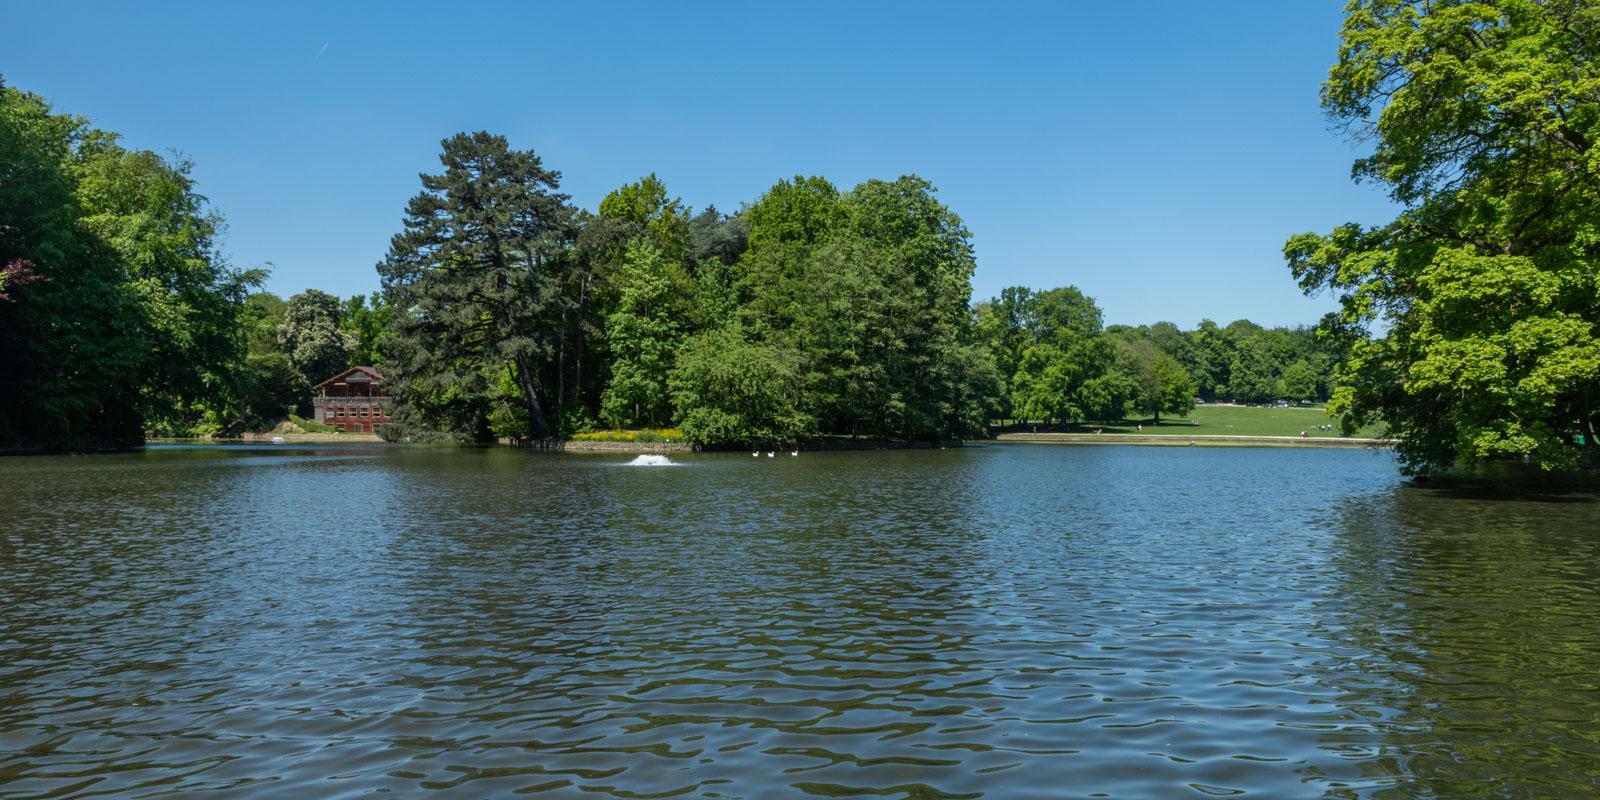 Lac du Bois de la Cambre